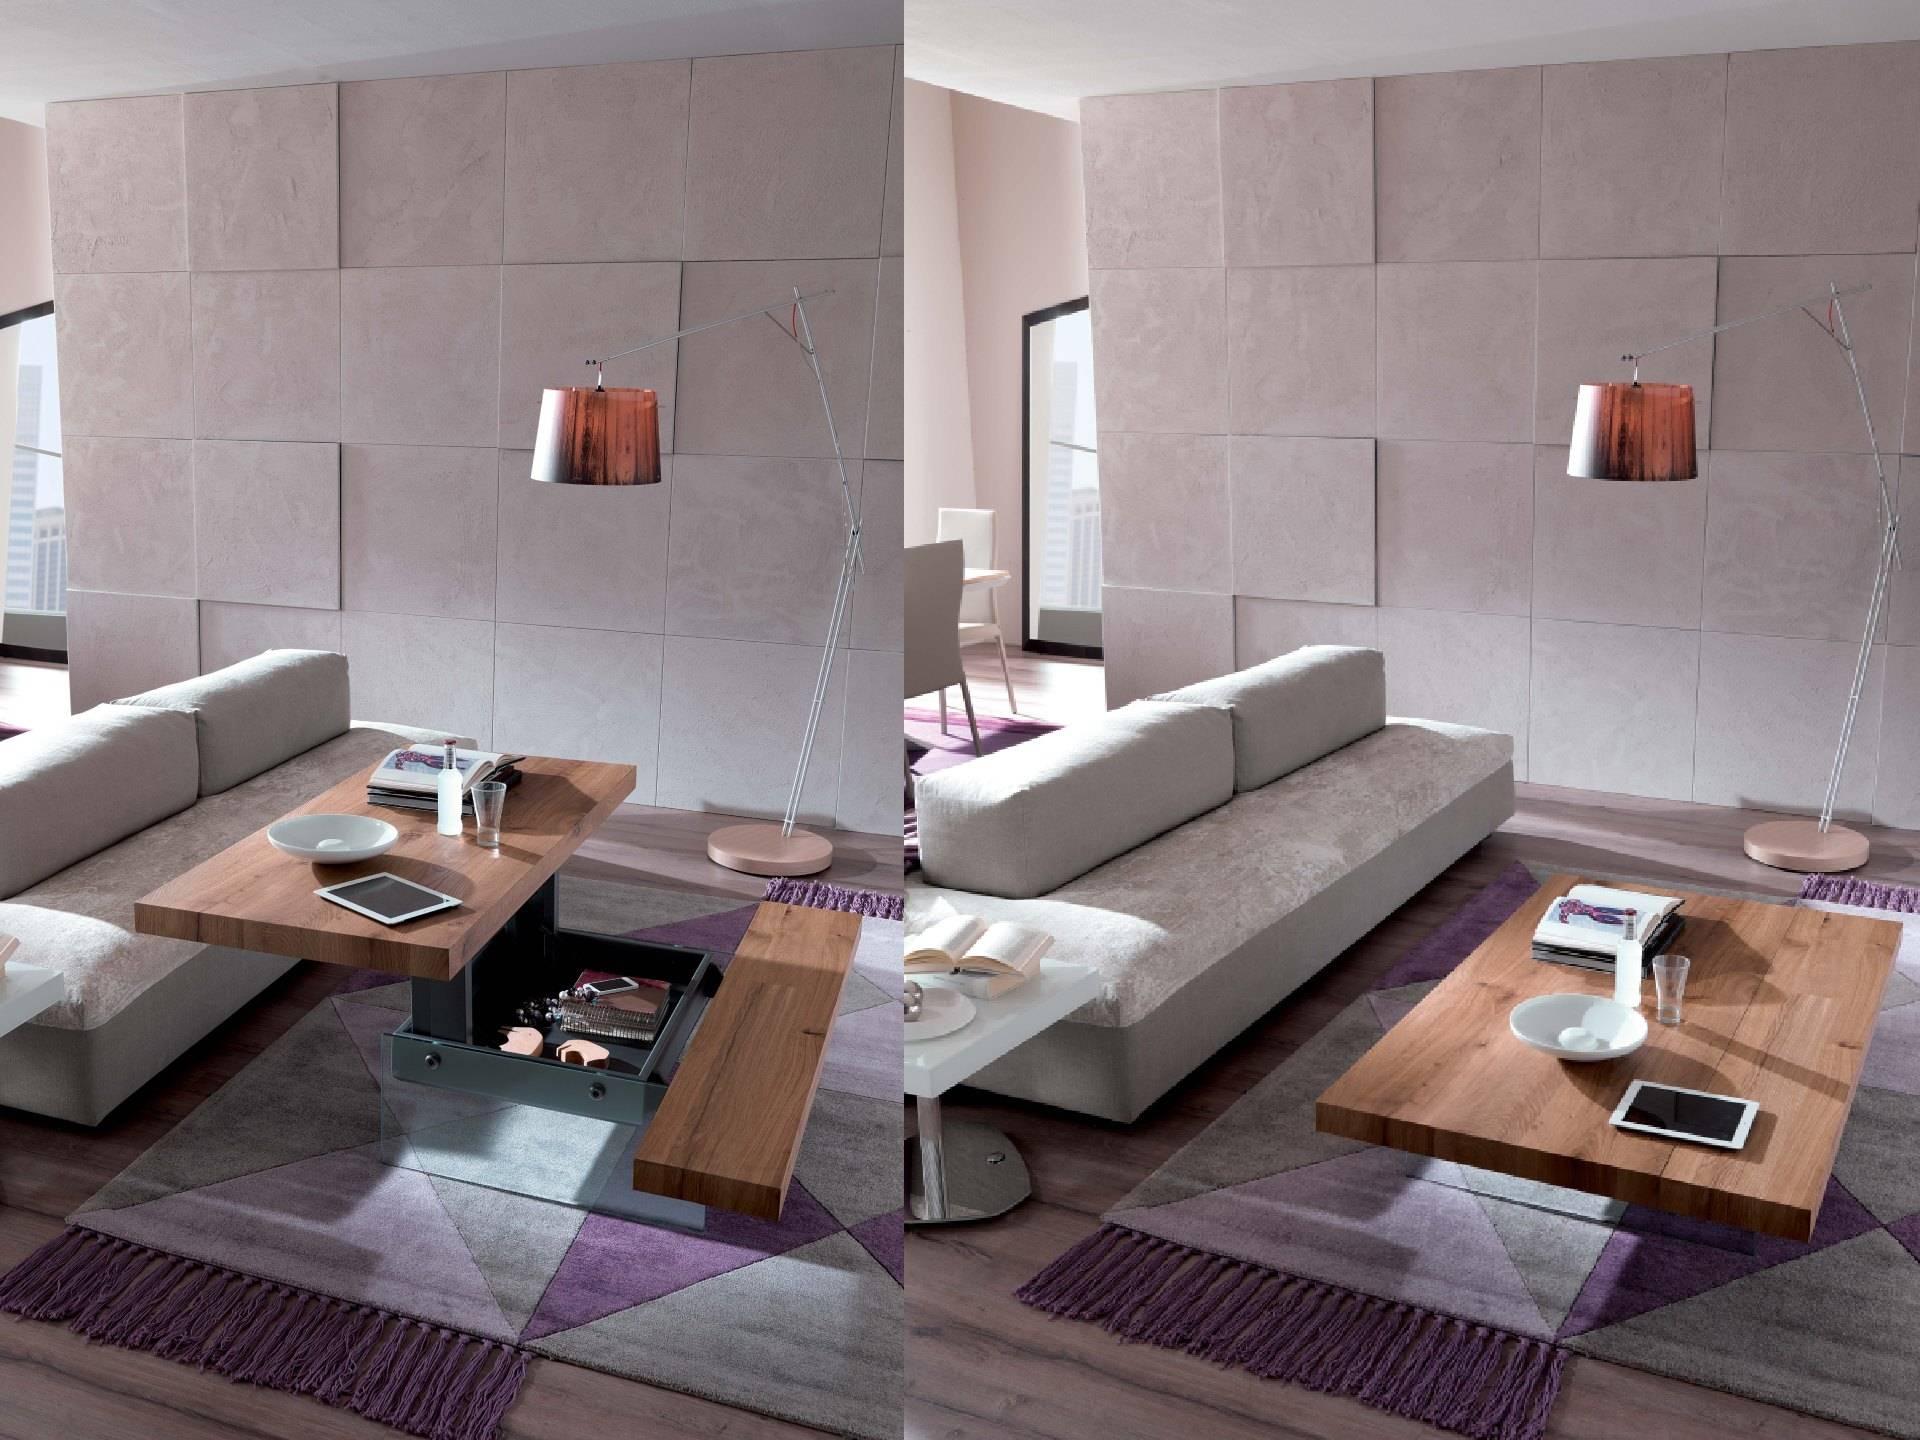 Soluzioni d'arredo per lo smart working: come trasformare la tua casa nell'ufficio ideale